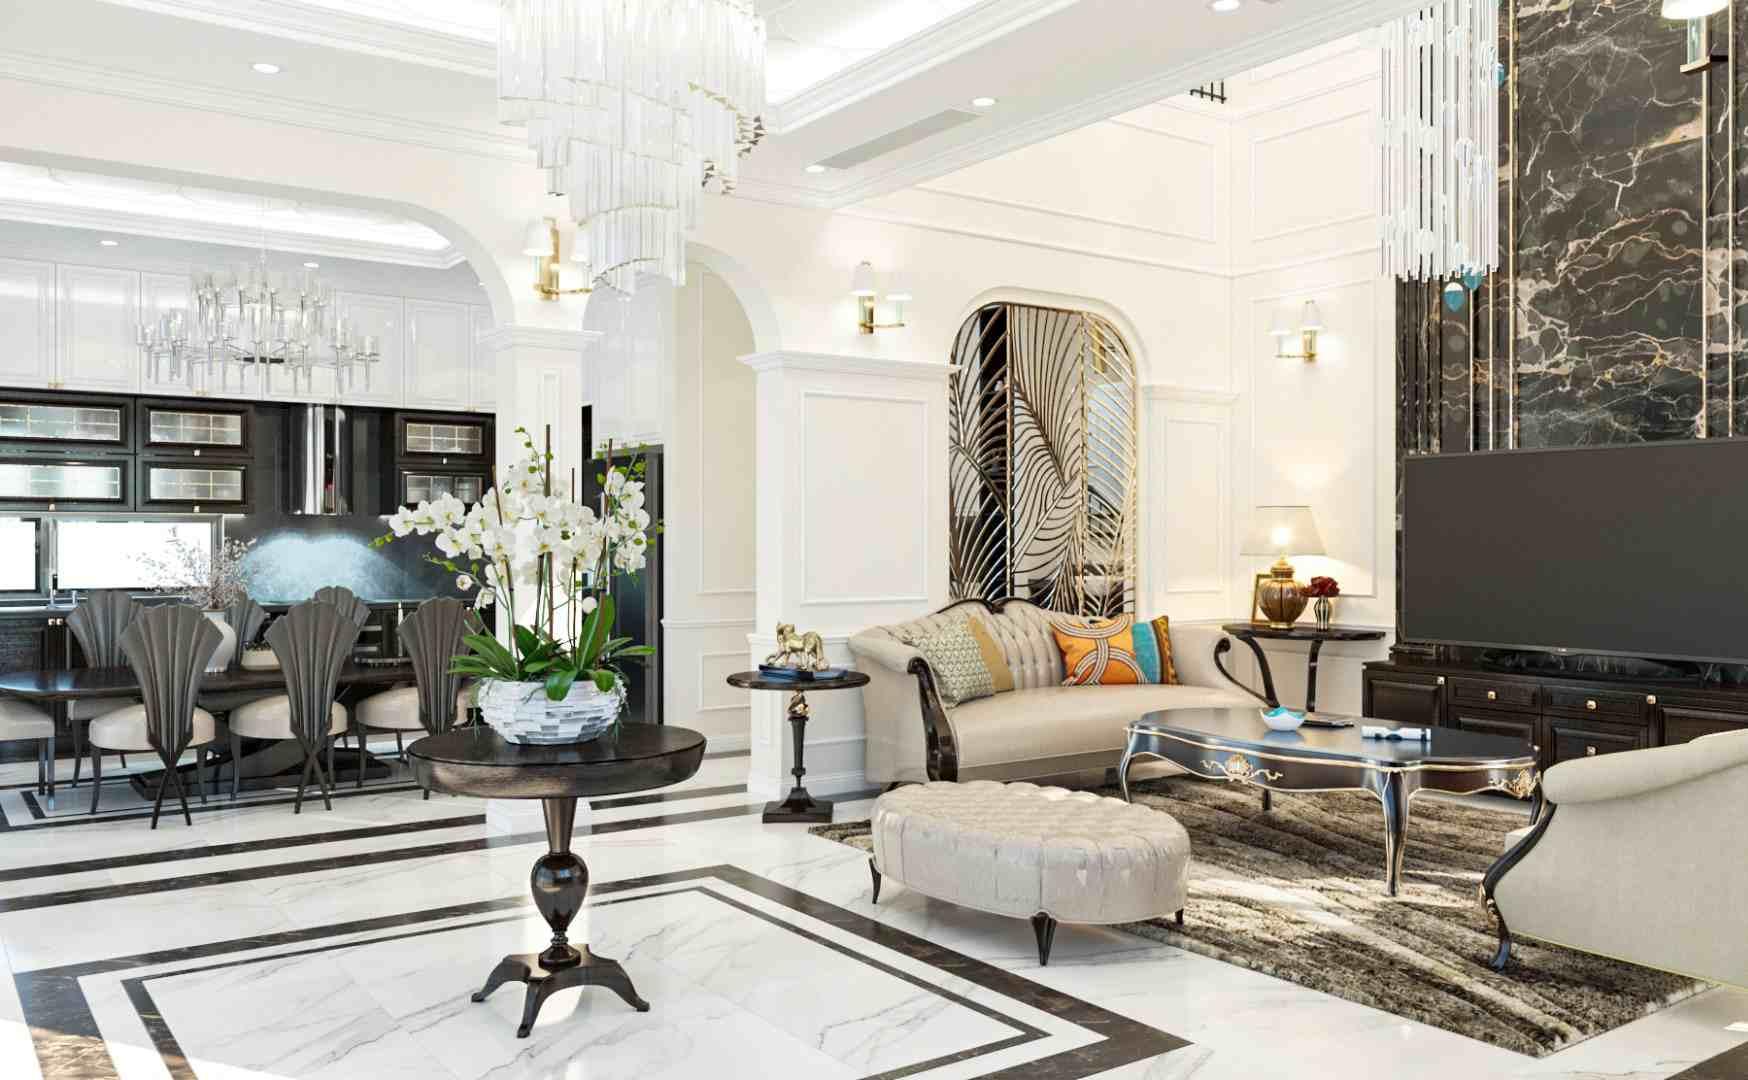 Ba quy tắc sửa nhà giúp nhà đẹp ưng ý